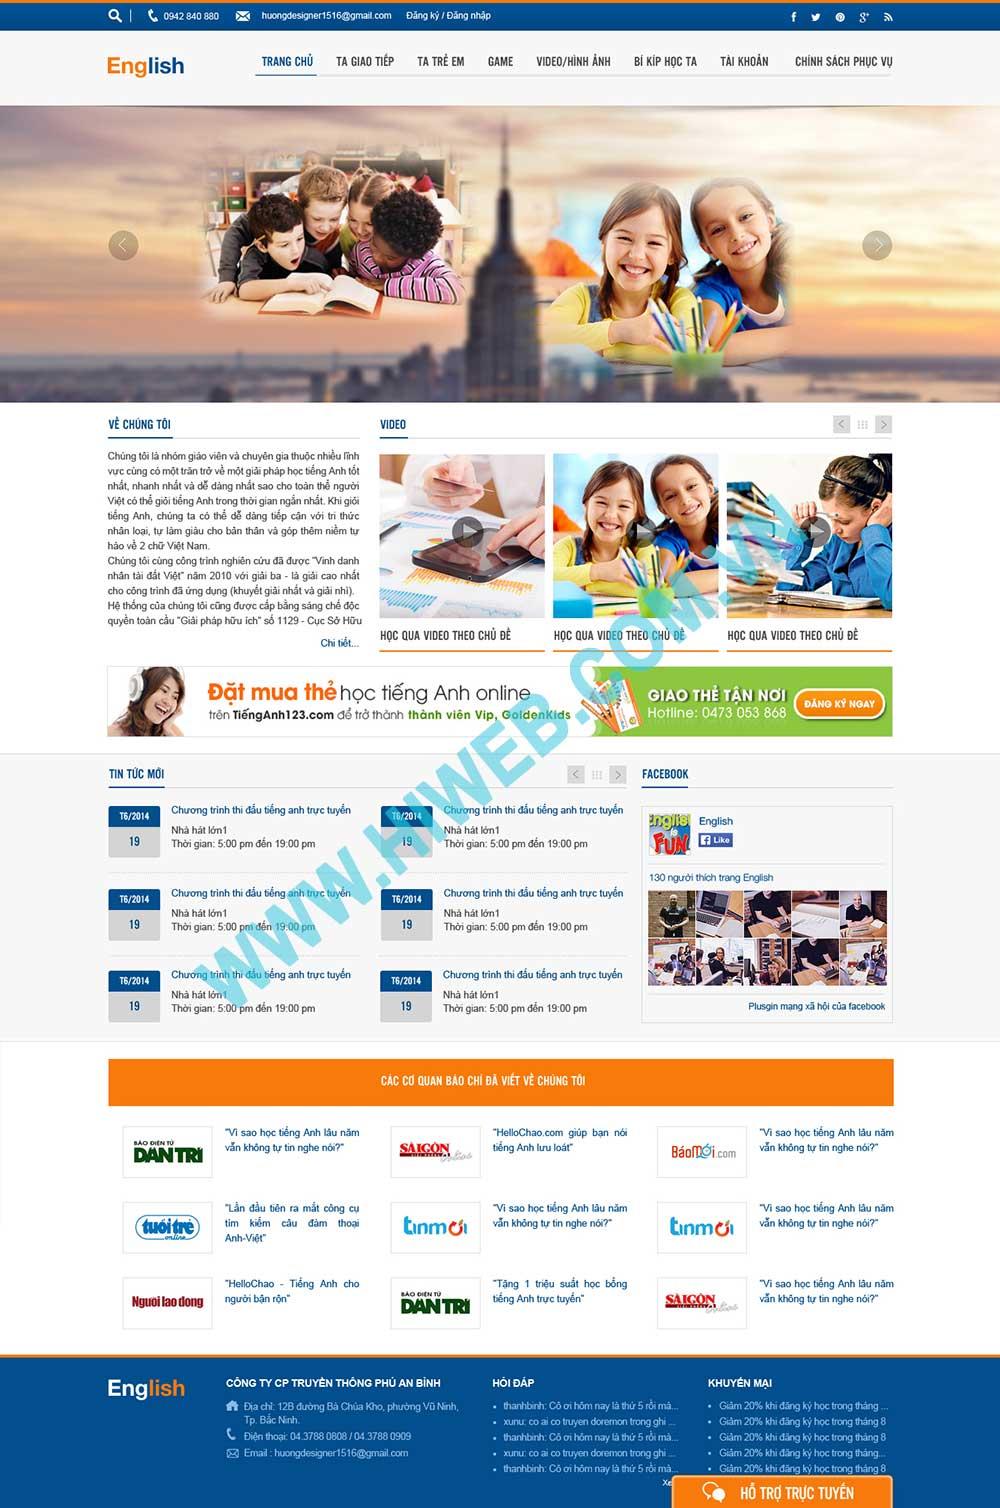 Mẫu thiết kế web dạy tiếng anh Online